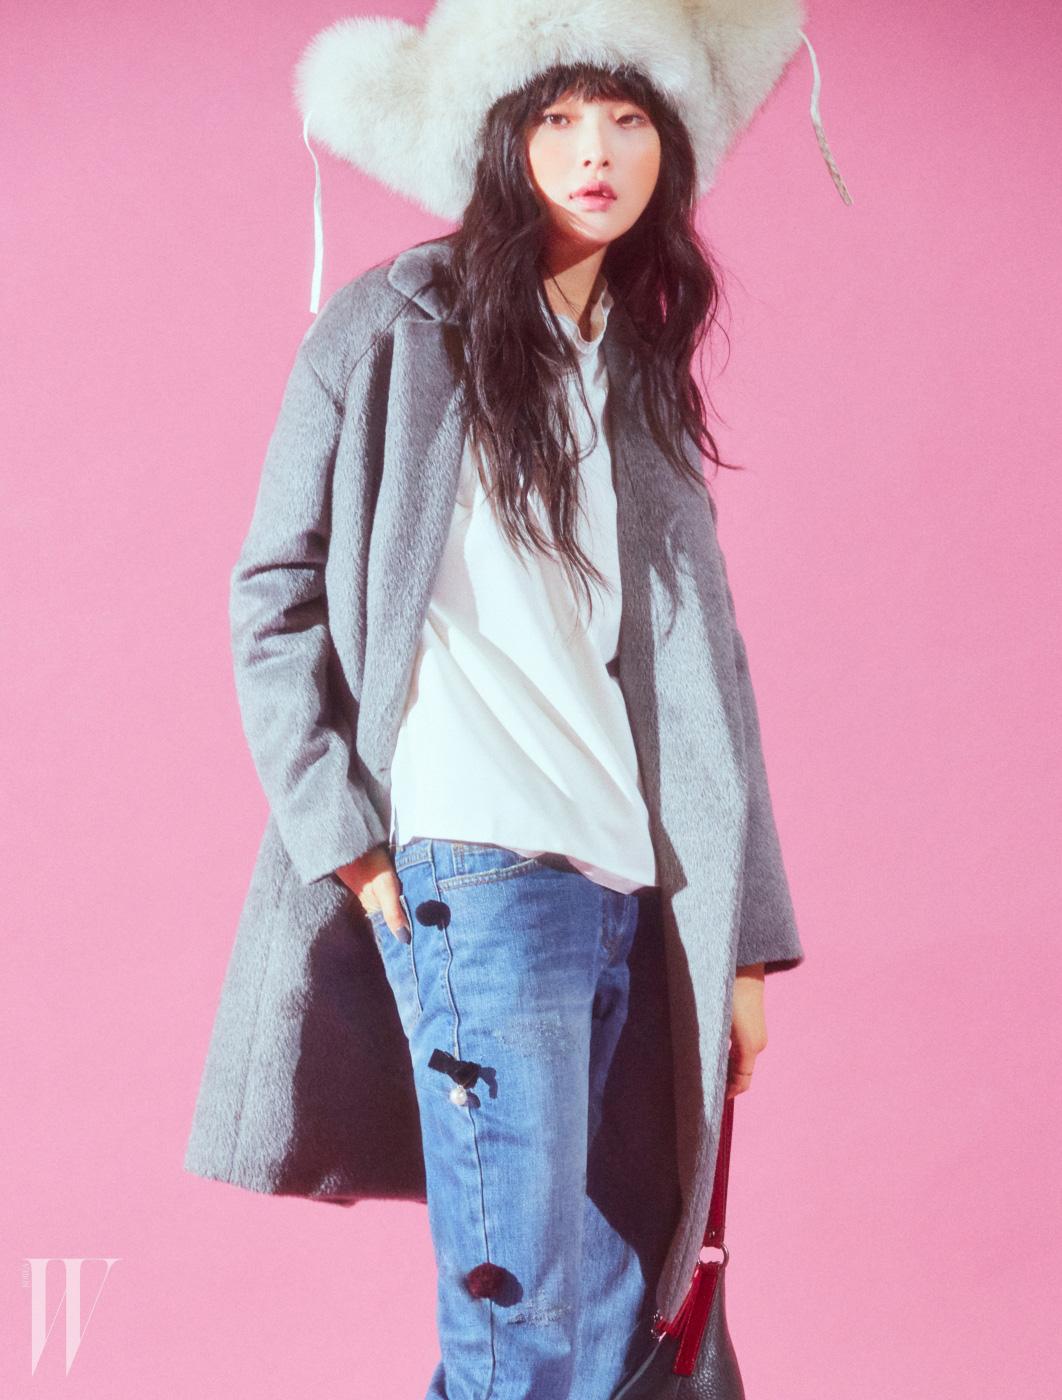 부드러운 라마혼방 모 소재의 회색 롱코트, 흰색 블라우스와 리본 장식 데님 팬츠, 트라이앵글 가죽백, 모피 모자는 모두 Kuho 제품.